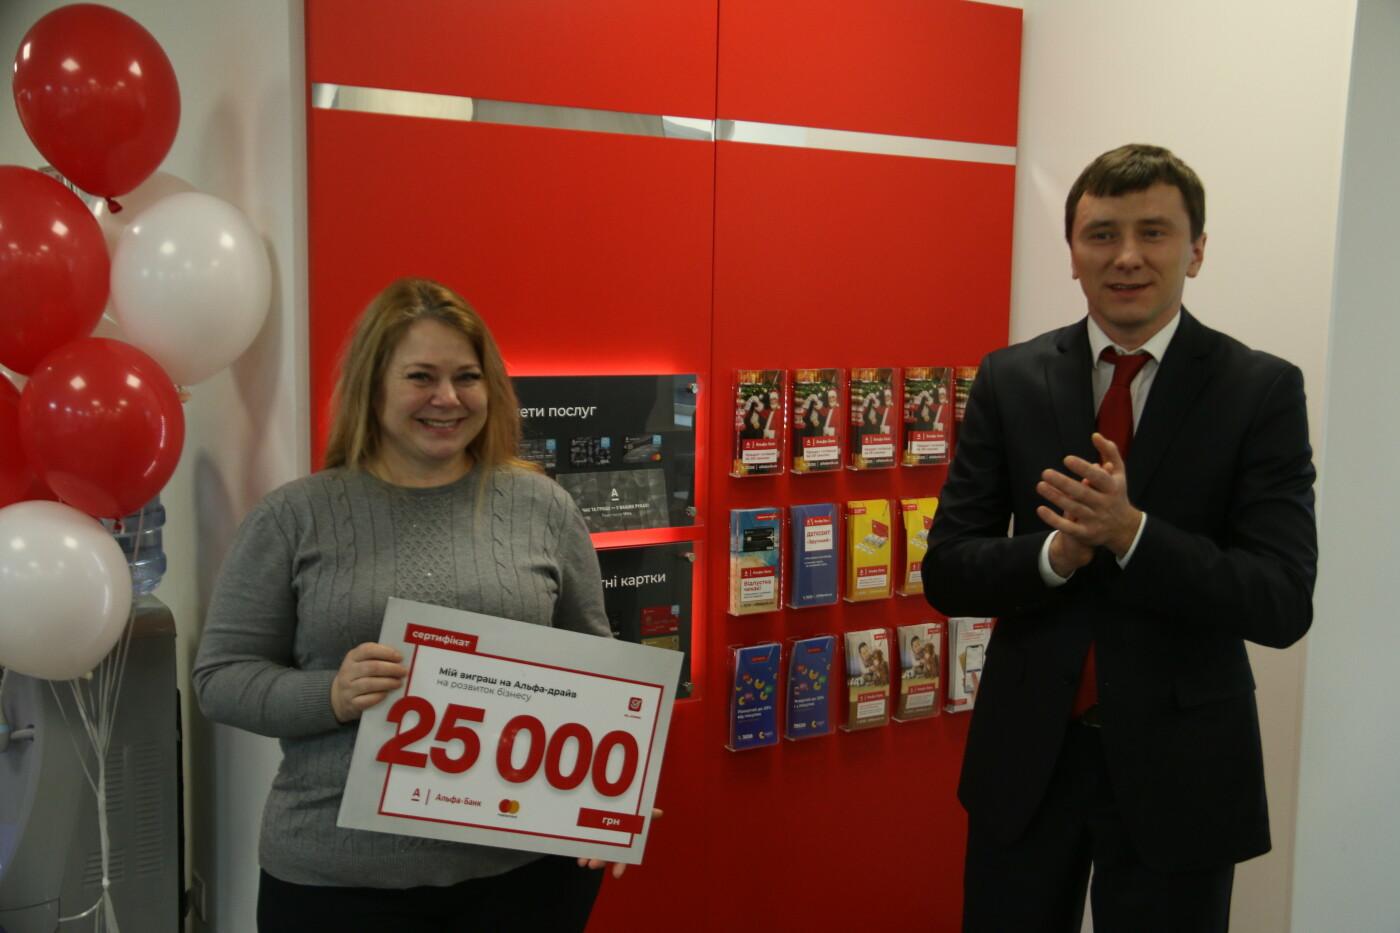 Подарунок до новорічних свят: Альфа-Банк Україна нагородив чернігівську підприємницю сертифікатом на 25 тисяч гривень, фото-1